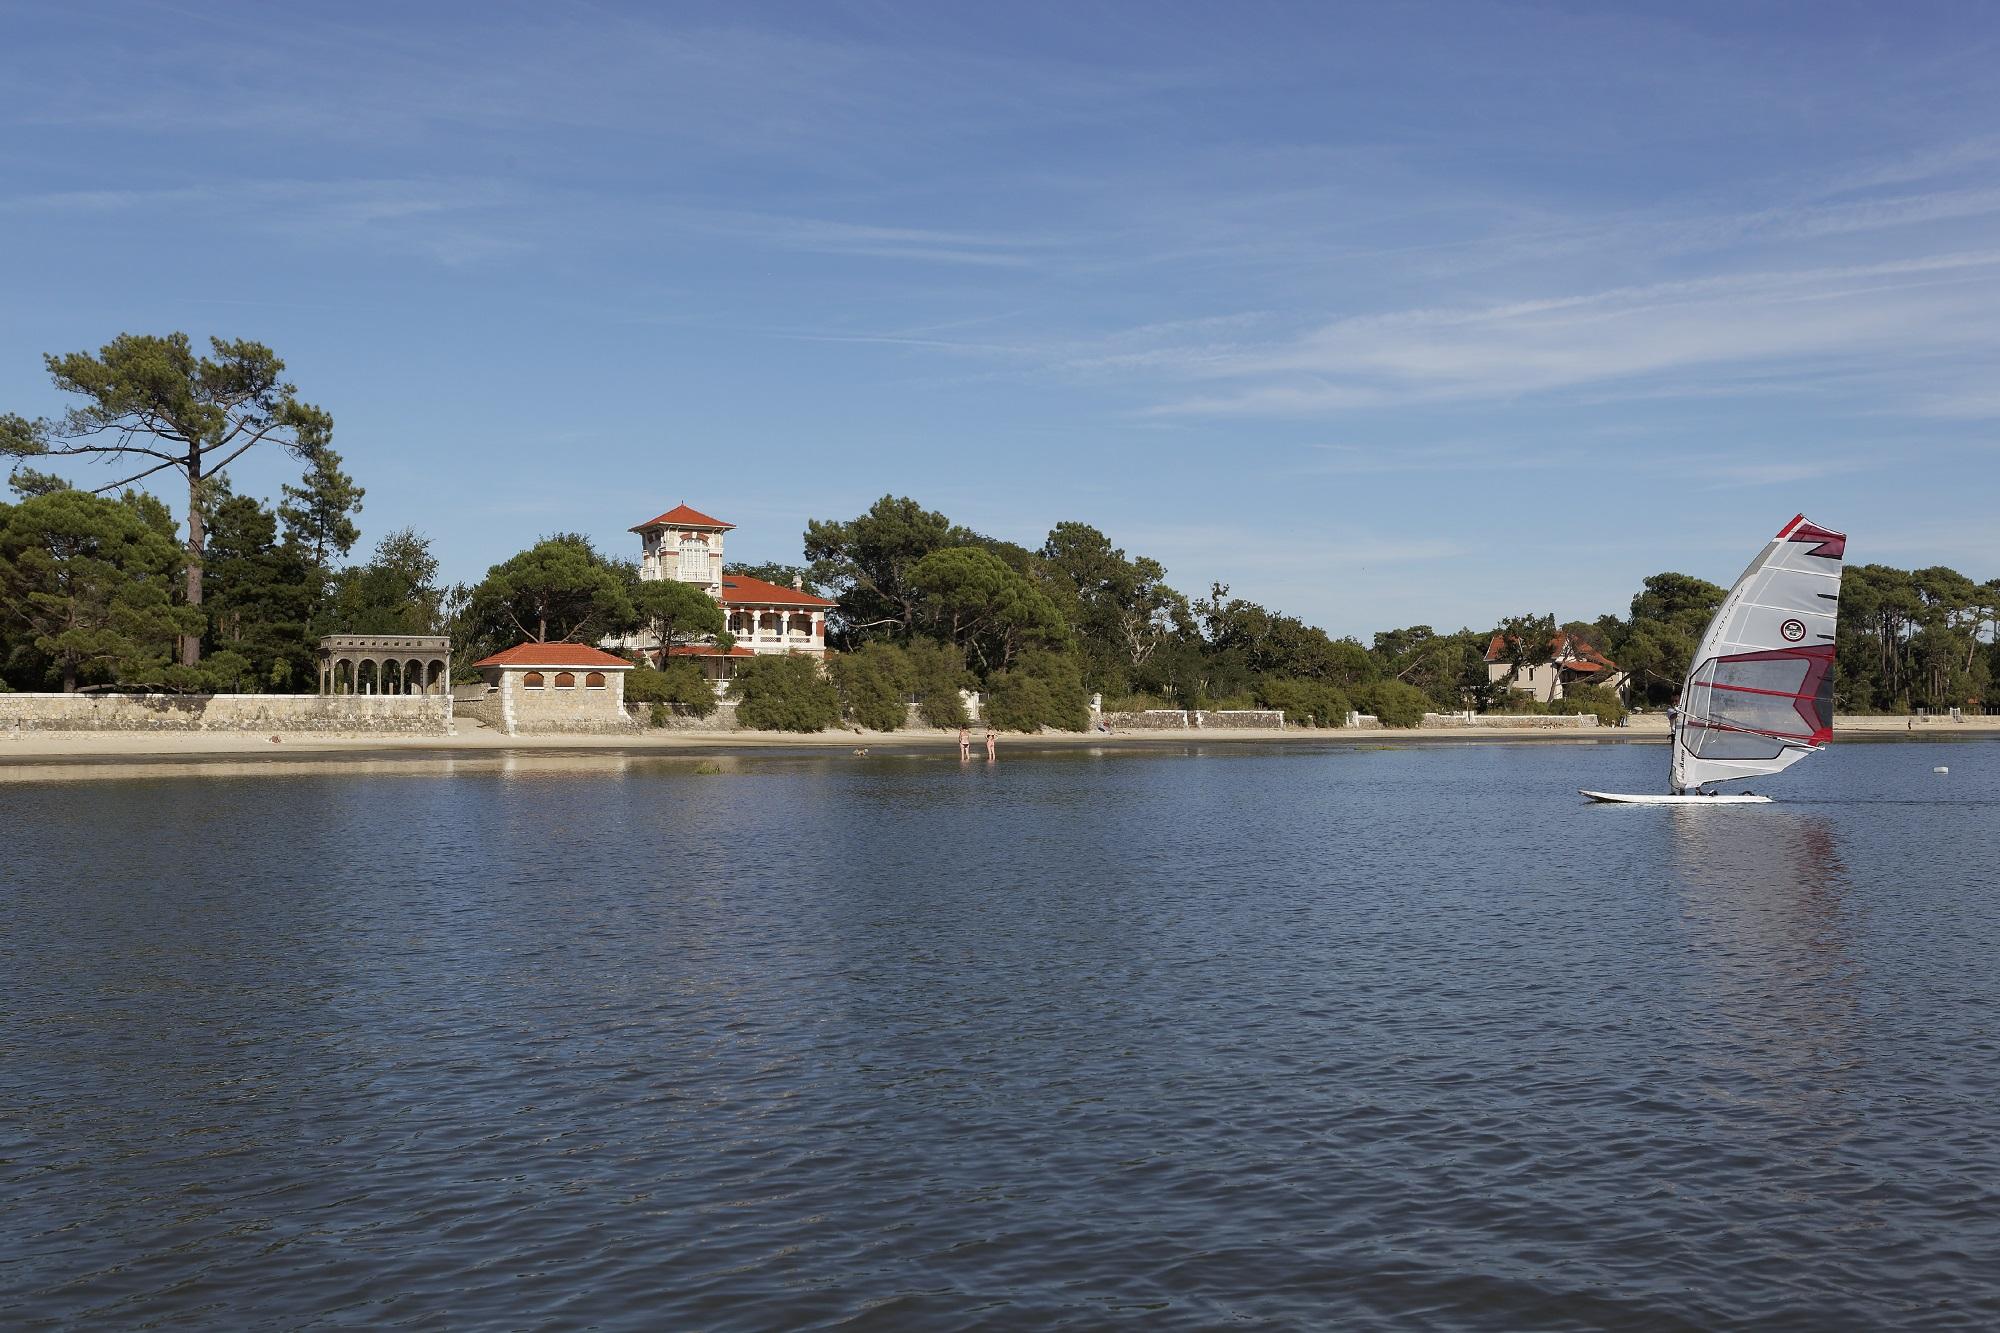 Les belles villas de taussat les bains bassin d arcachon for Les belles villas